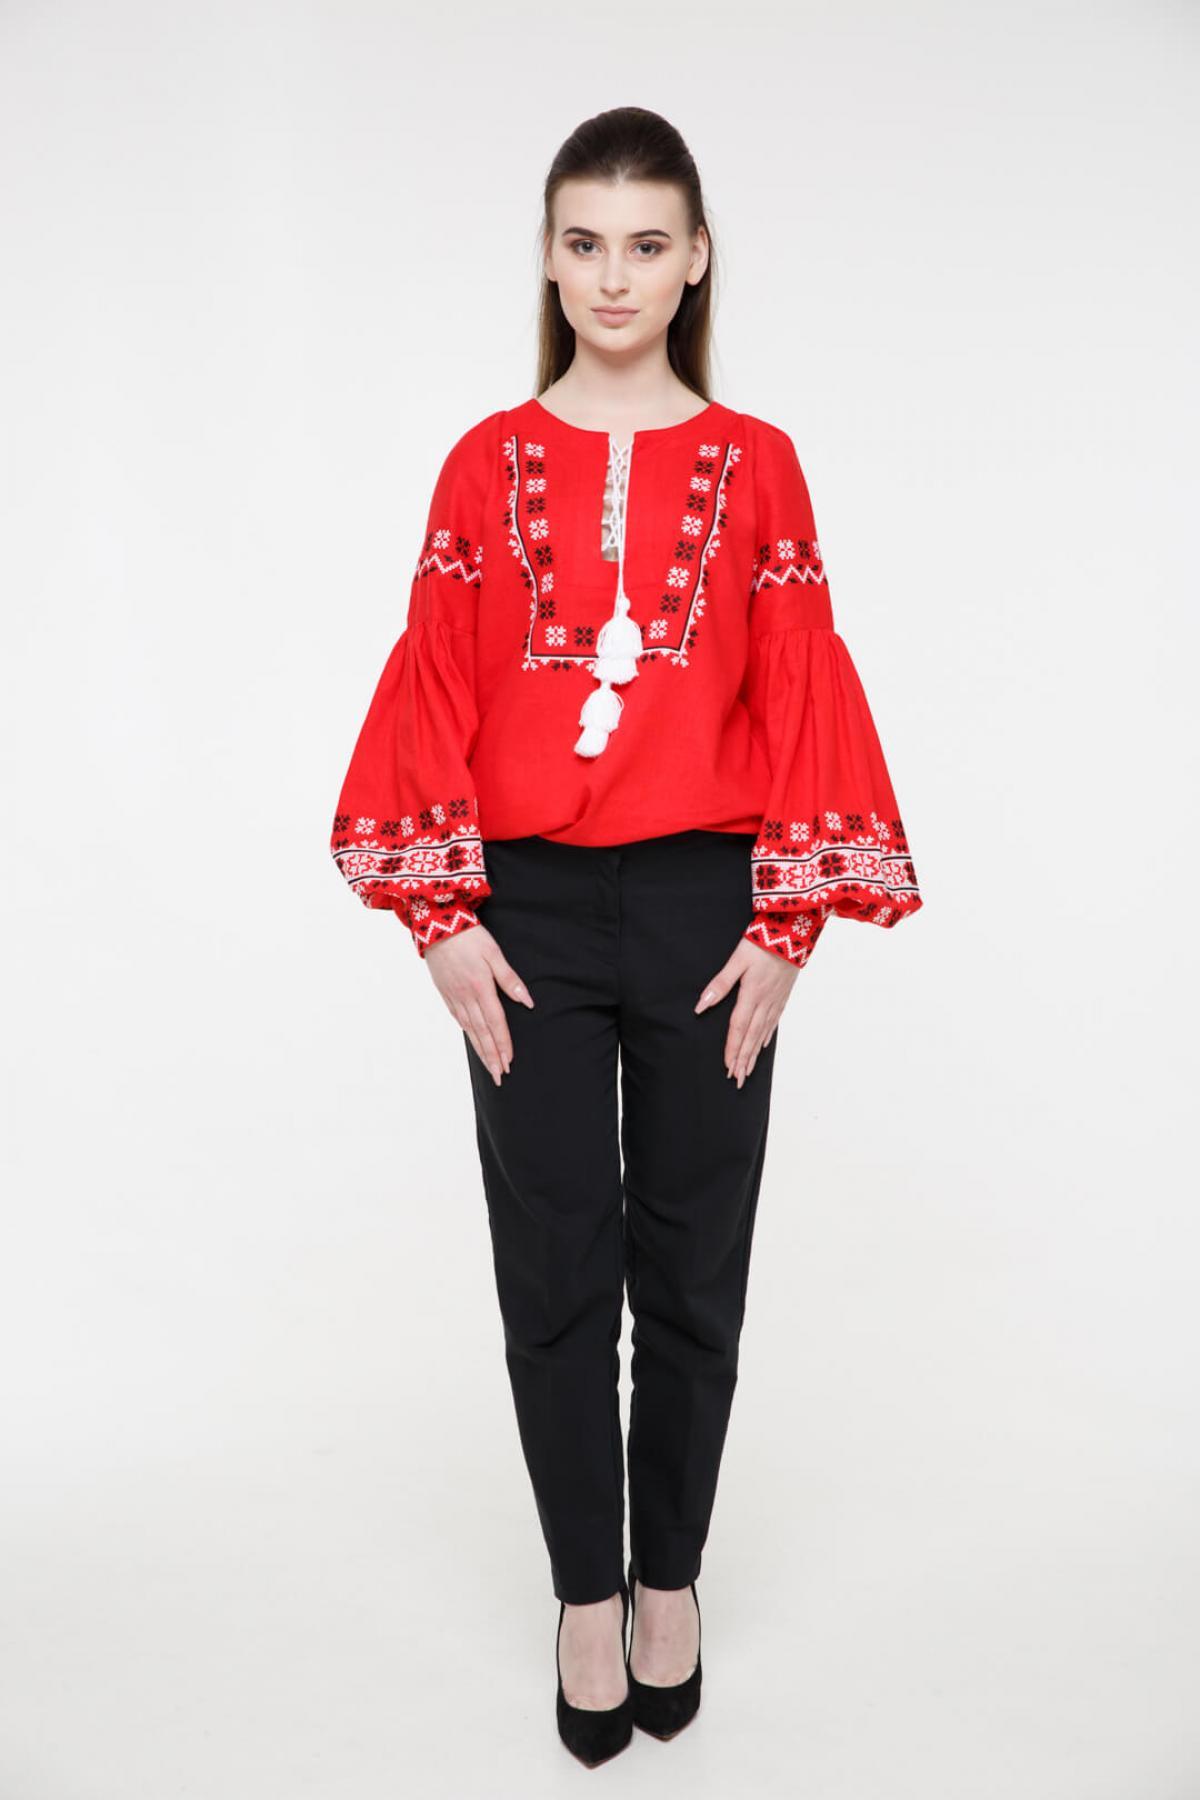 Рубашка вышитая «Наследство» красная. Фото №2. | Народный дом Украина